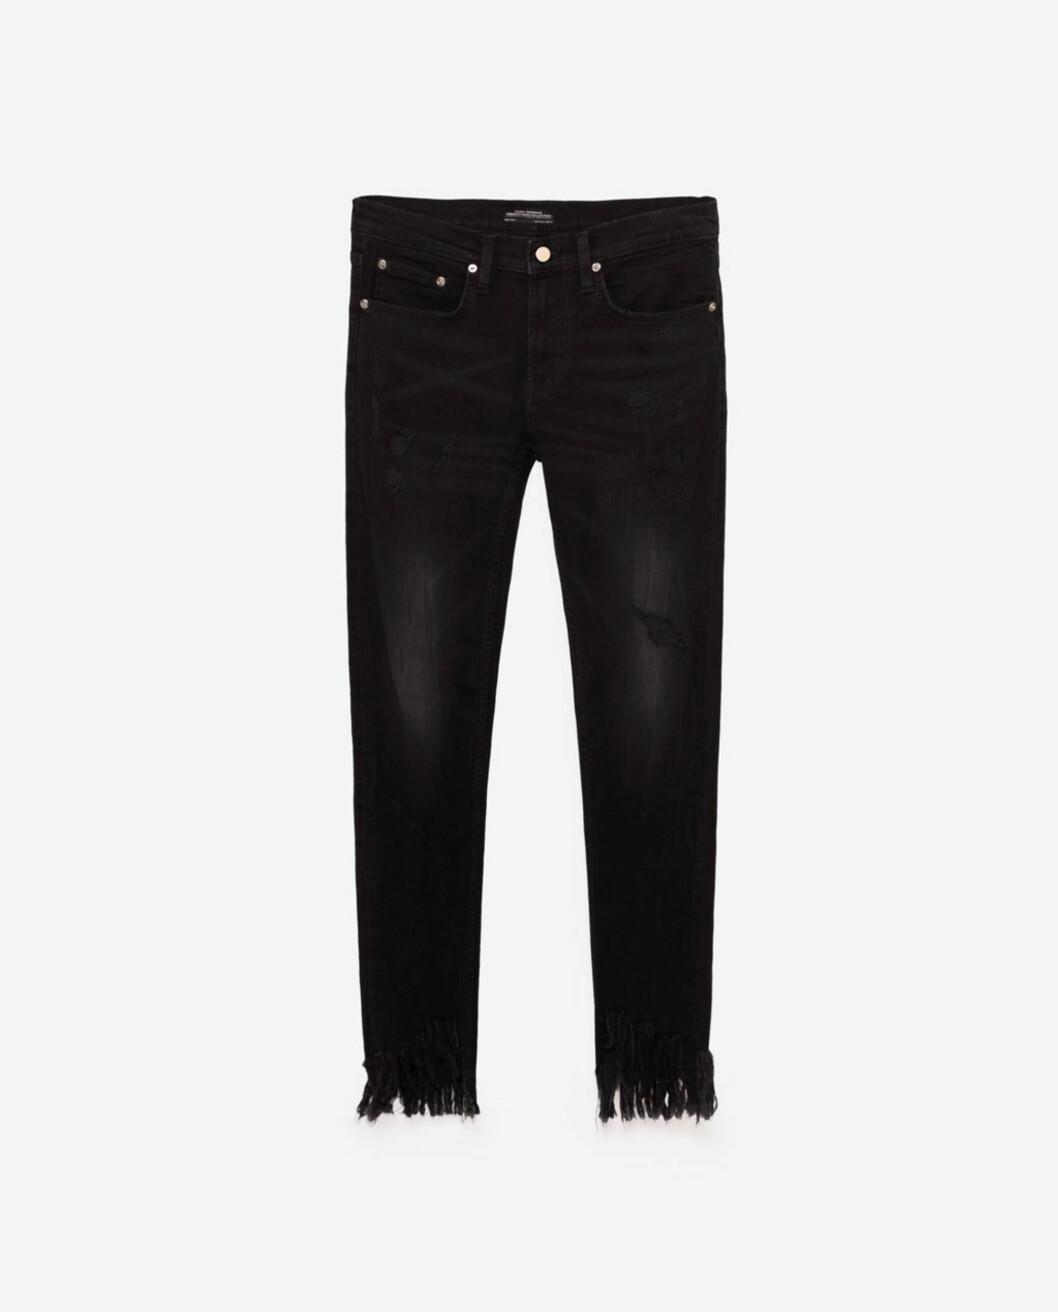 Jeans med frynsete kant fra Zara | kr 559 | http://www.zara.com/no/no/dame/jeans-%7C--20/se-alle/smal-denimbukse-boyfriend-c733918p4006520.html